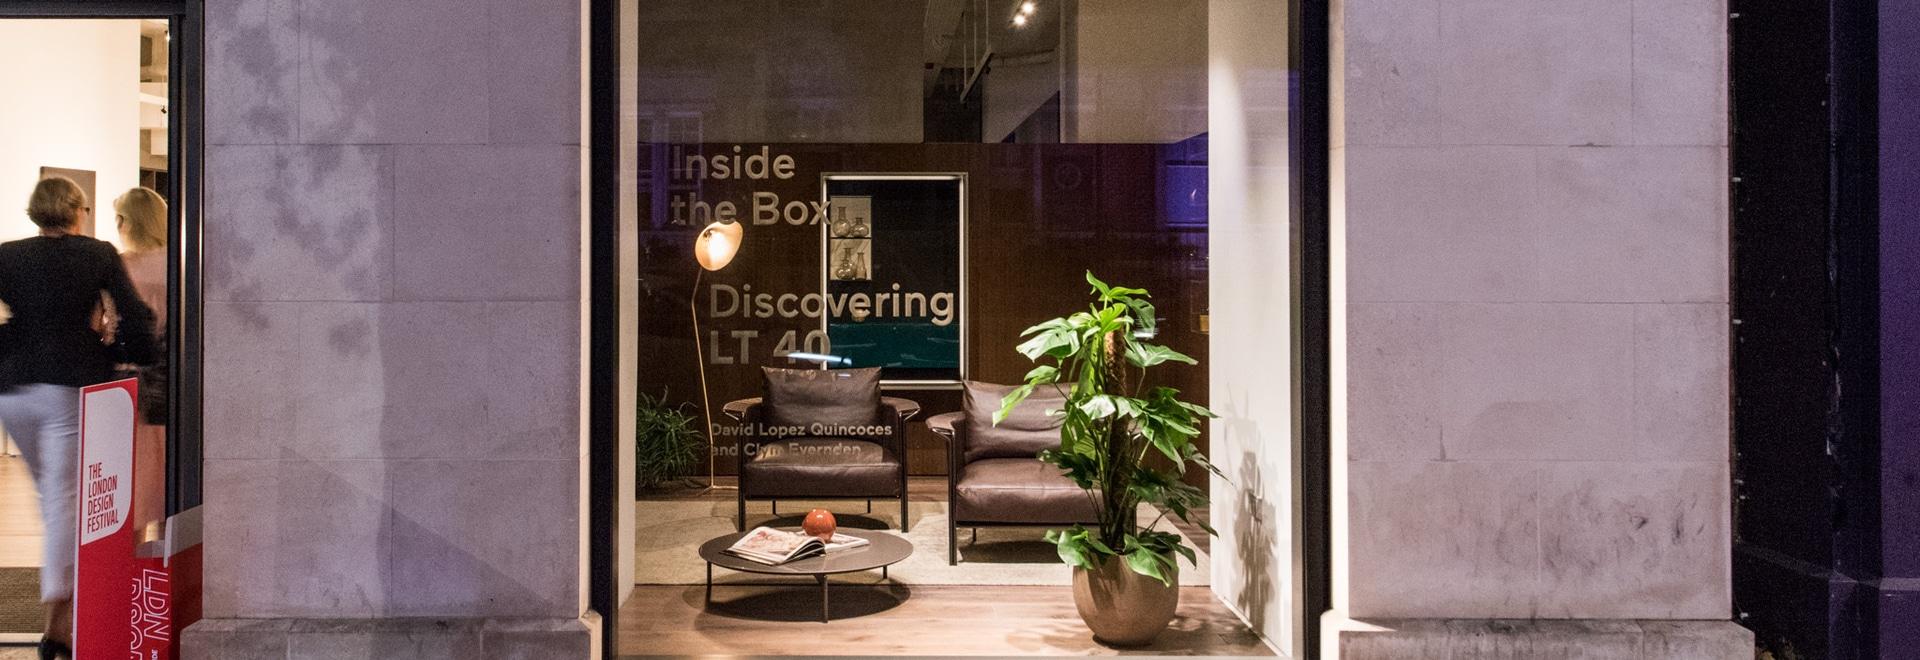 Lema erzählt die Geschichte eines Jahres mit Schaufenstern im Londoner Showroom